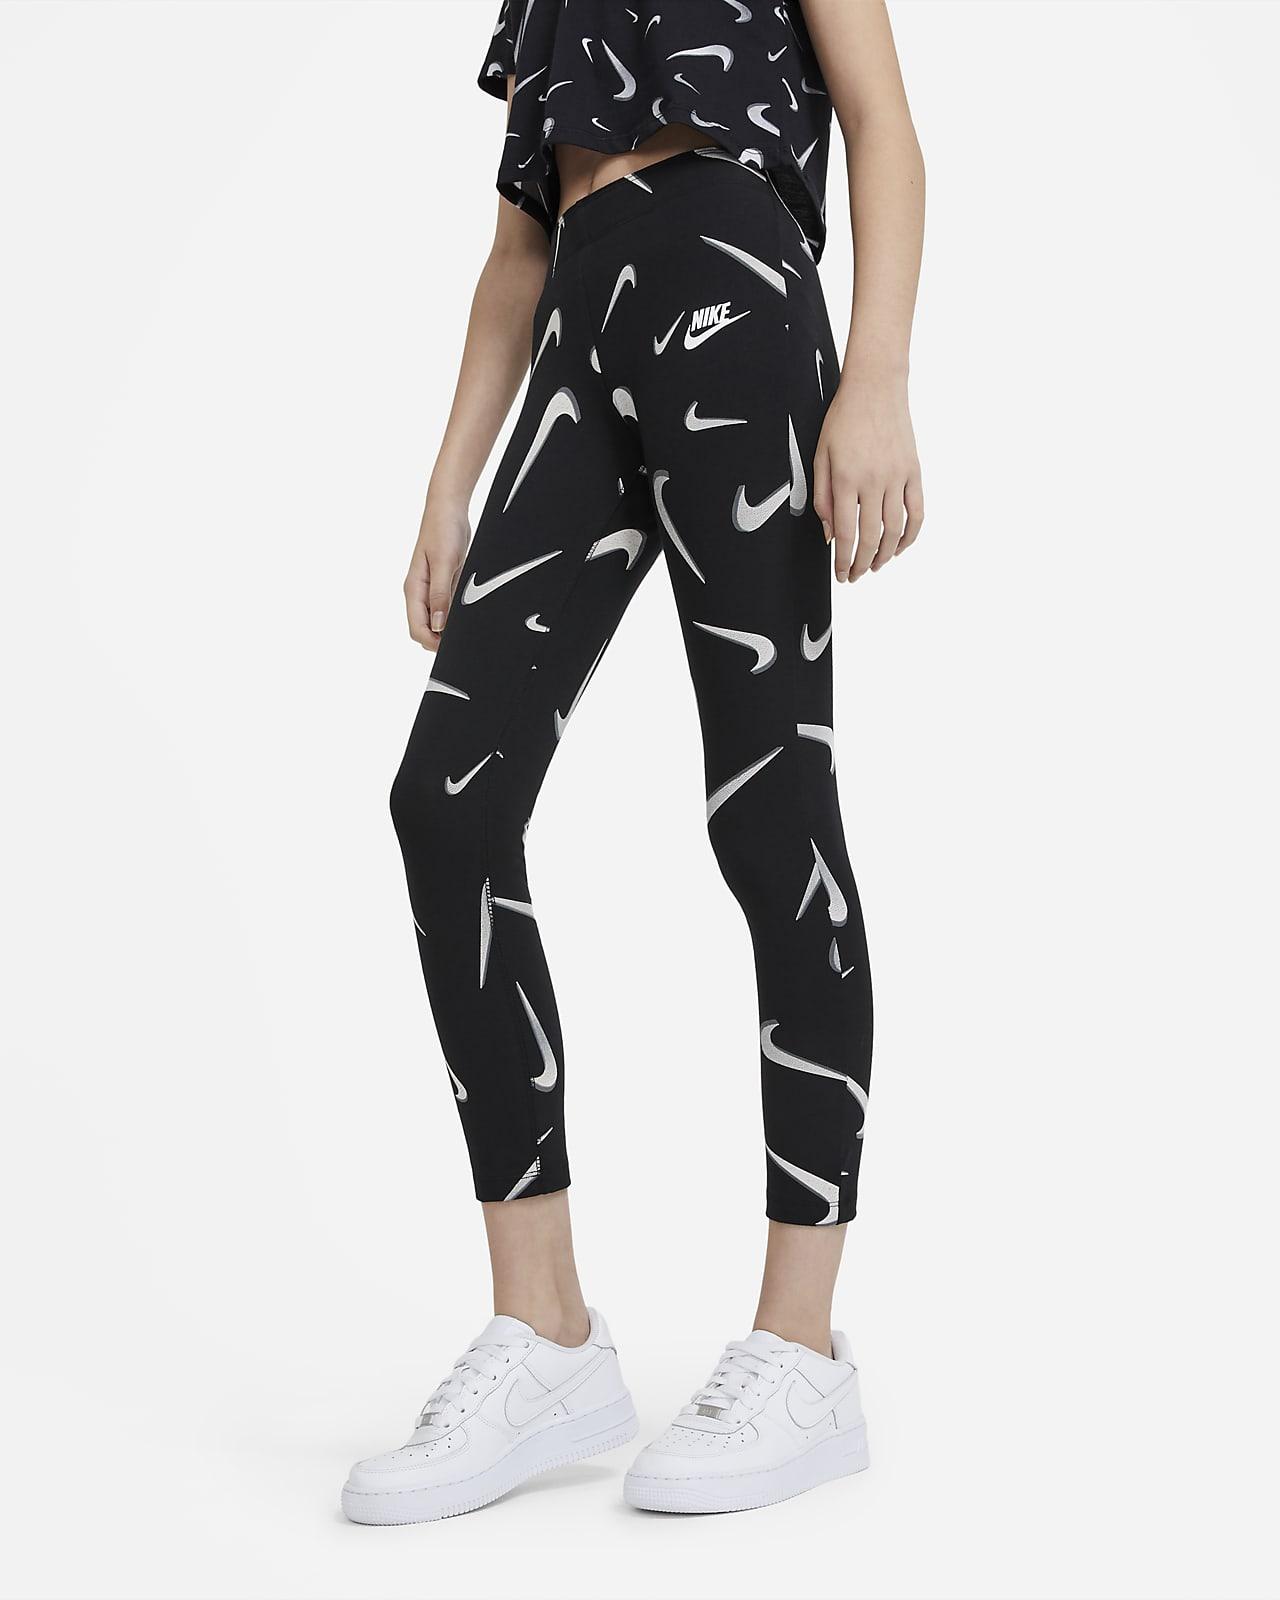 Legíny Nike Sportswear Favorites spotiskem pro větší děti (dívky)